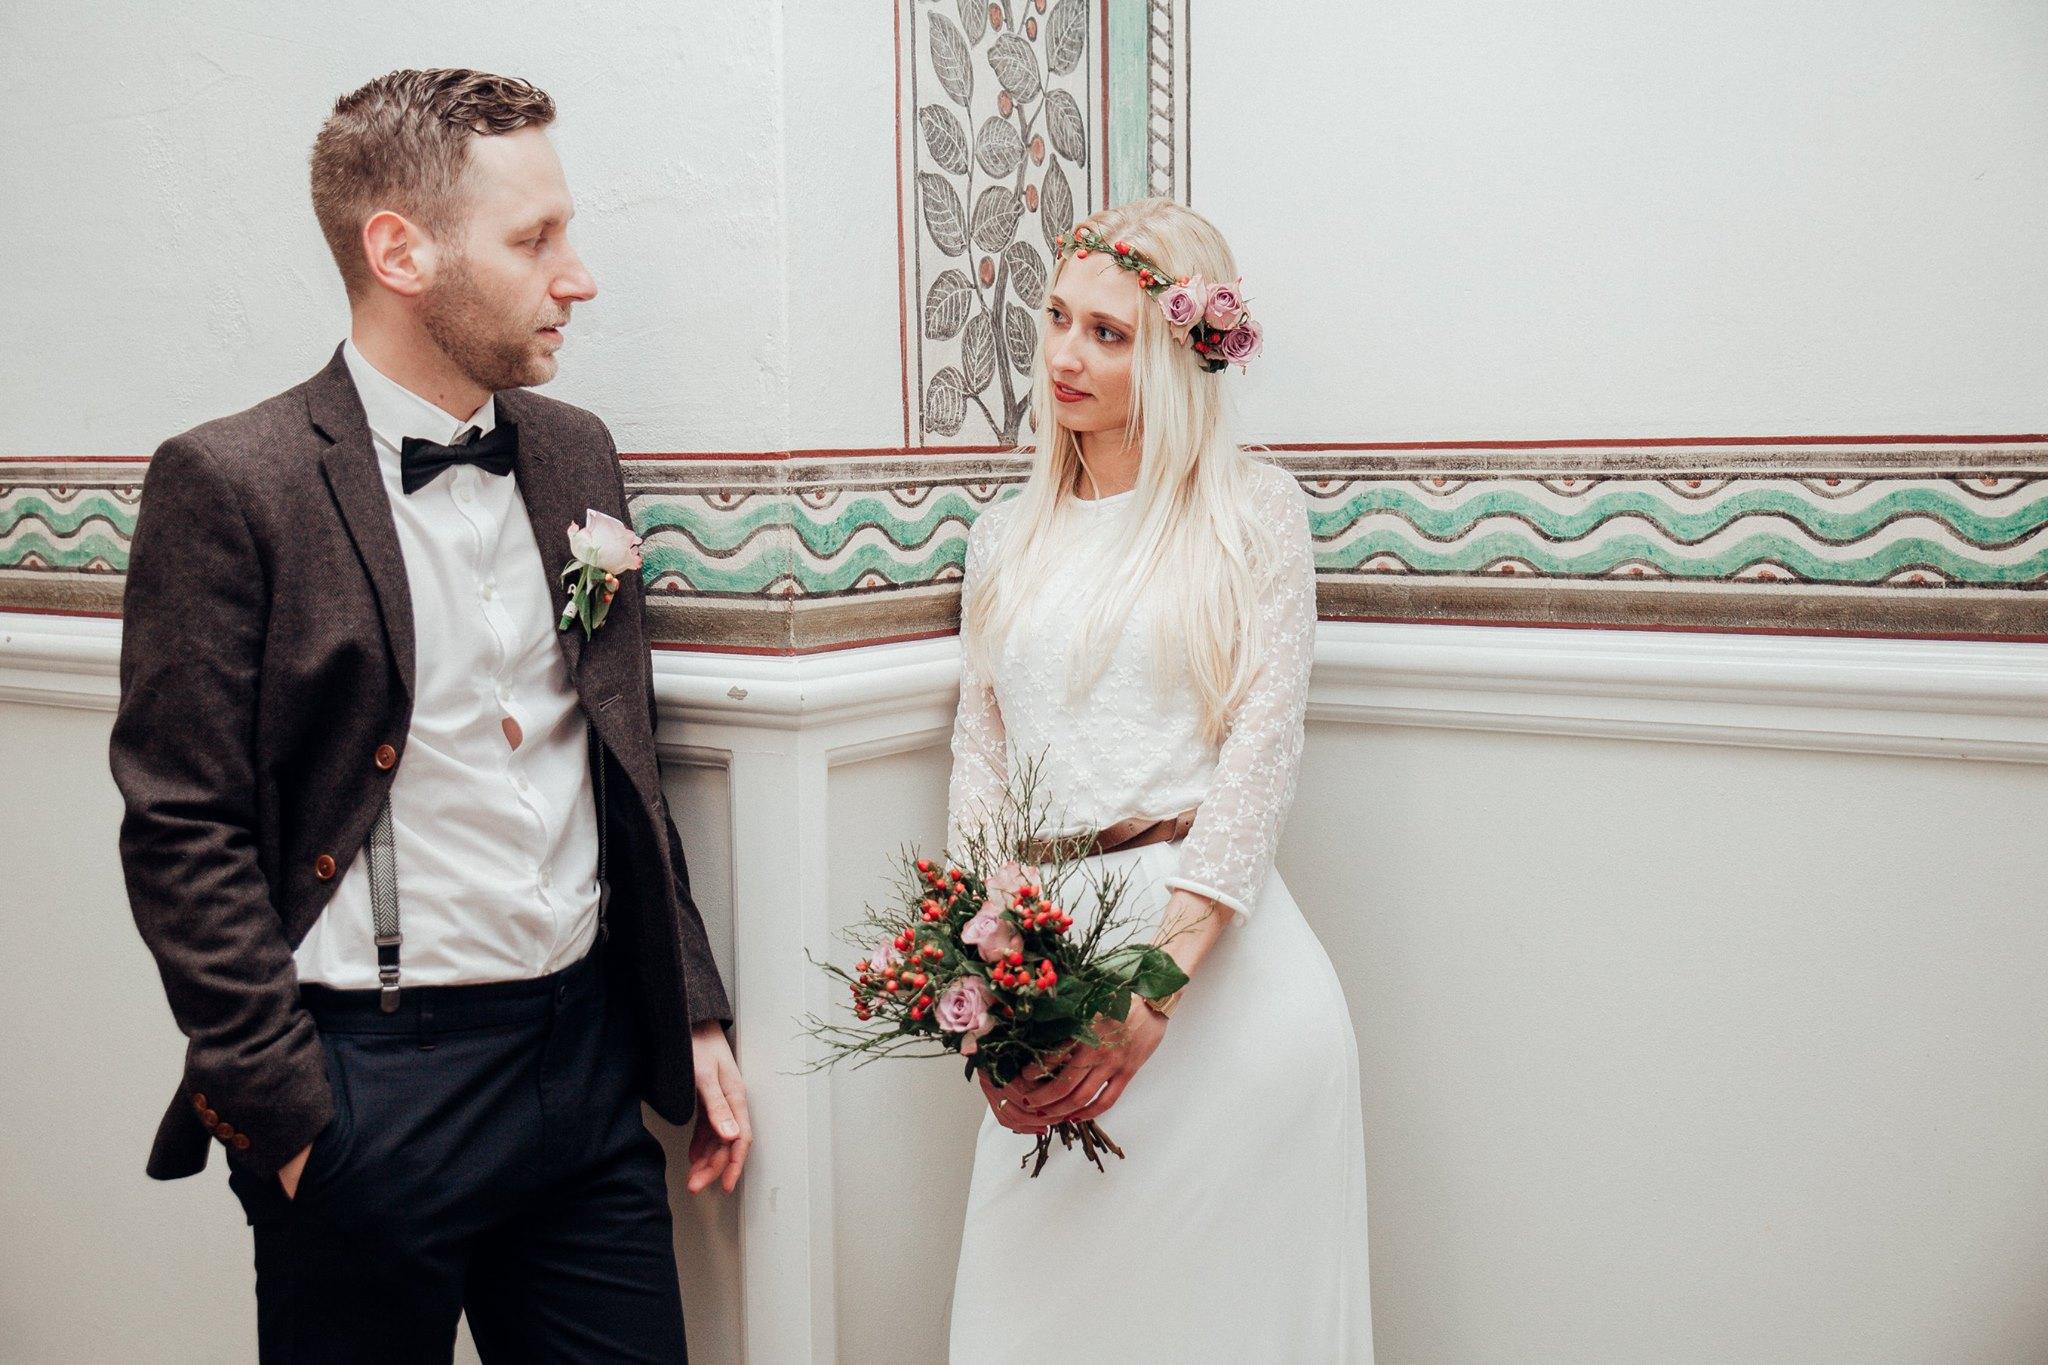 Wedding-in-Denmark-Marriage-Copenhagen-Photographers-16